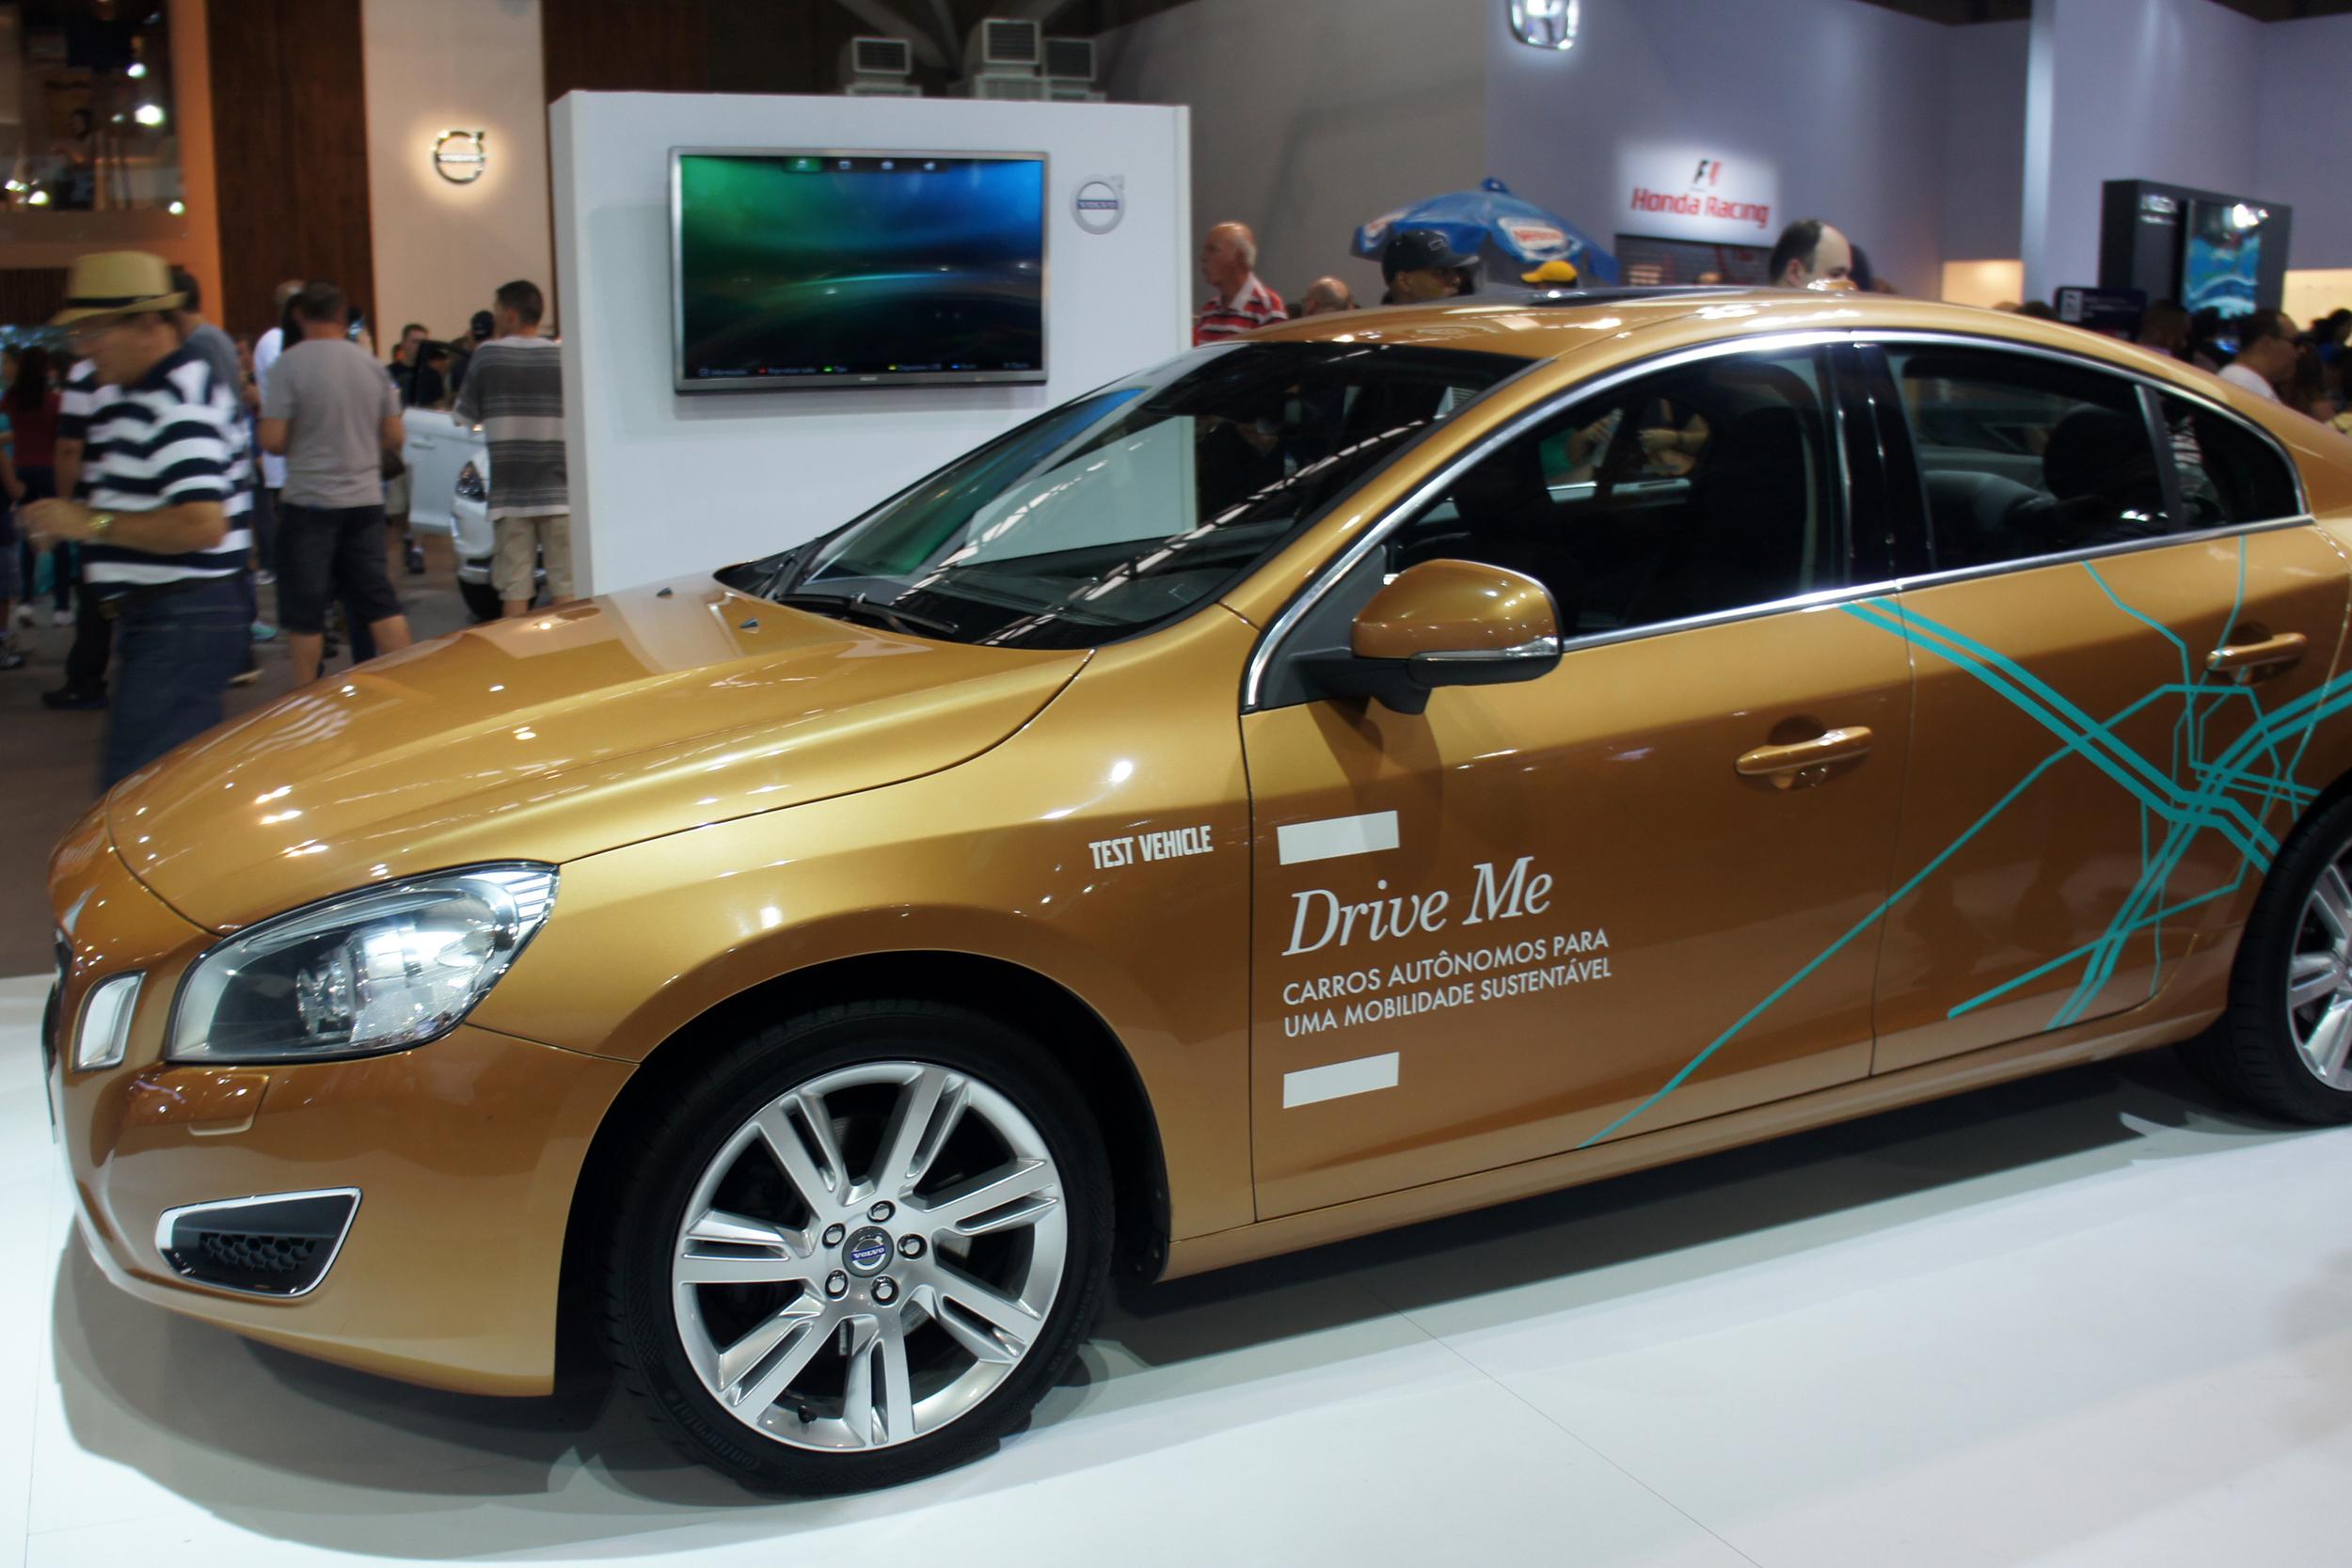 Volvo DriveMe Autonomous Car